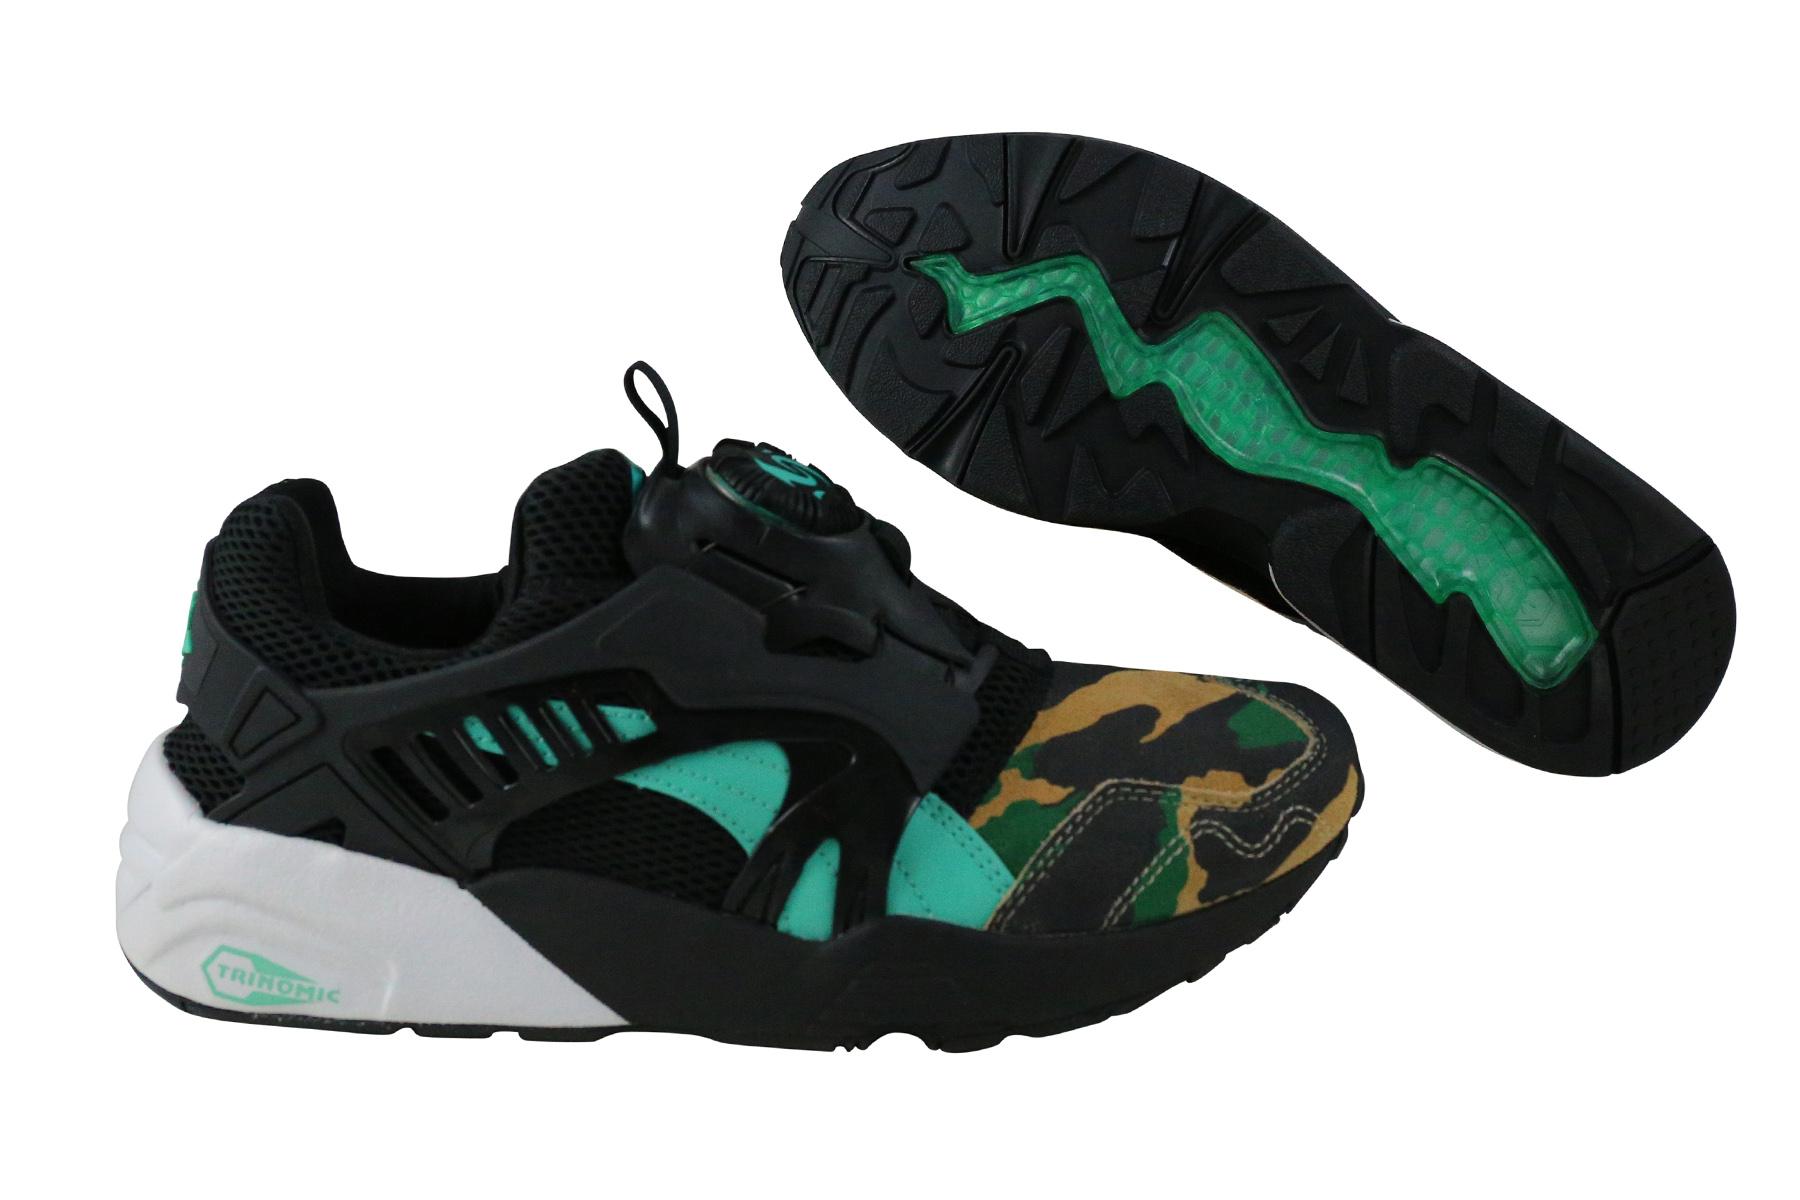 Details zu Puma Disc Blaze Night Jungle black electric green Schuhe 363060 01 schwarz